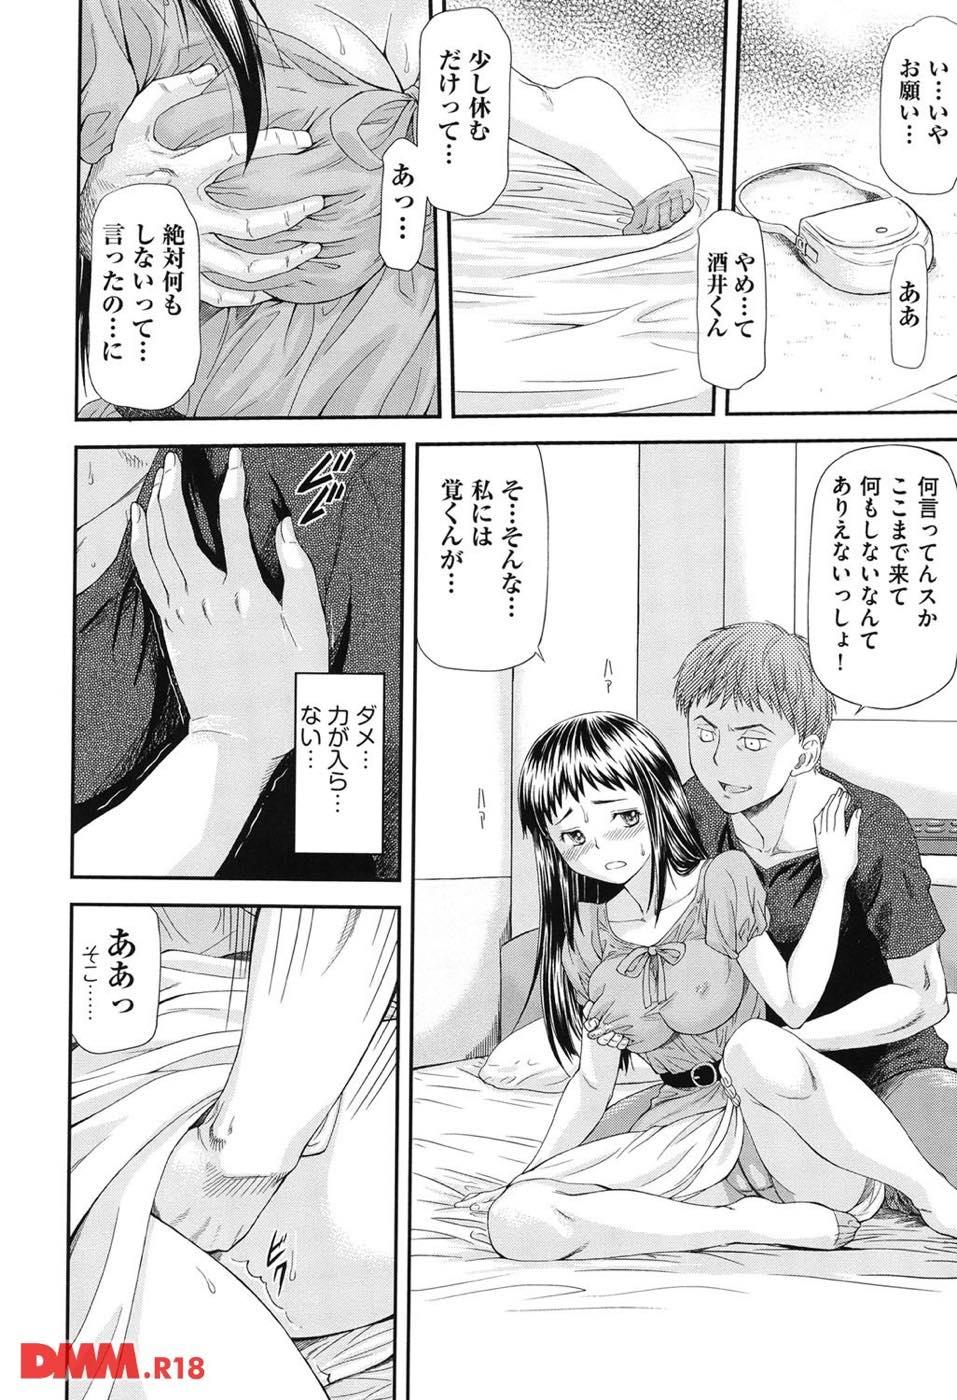 【エロ漫画無料大全集】【NTRエロ漫画】彼氏の友人のビックマグナムに快楽堕ちしてしまった女子大生の運命が…